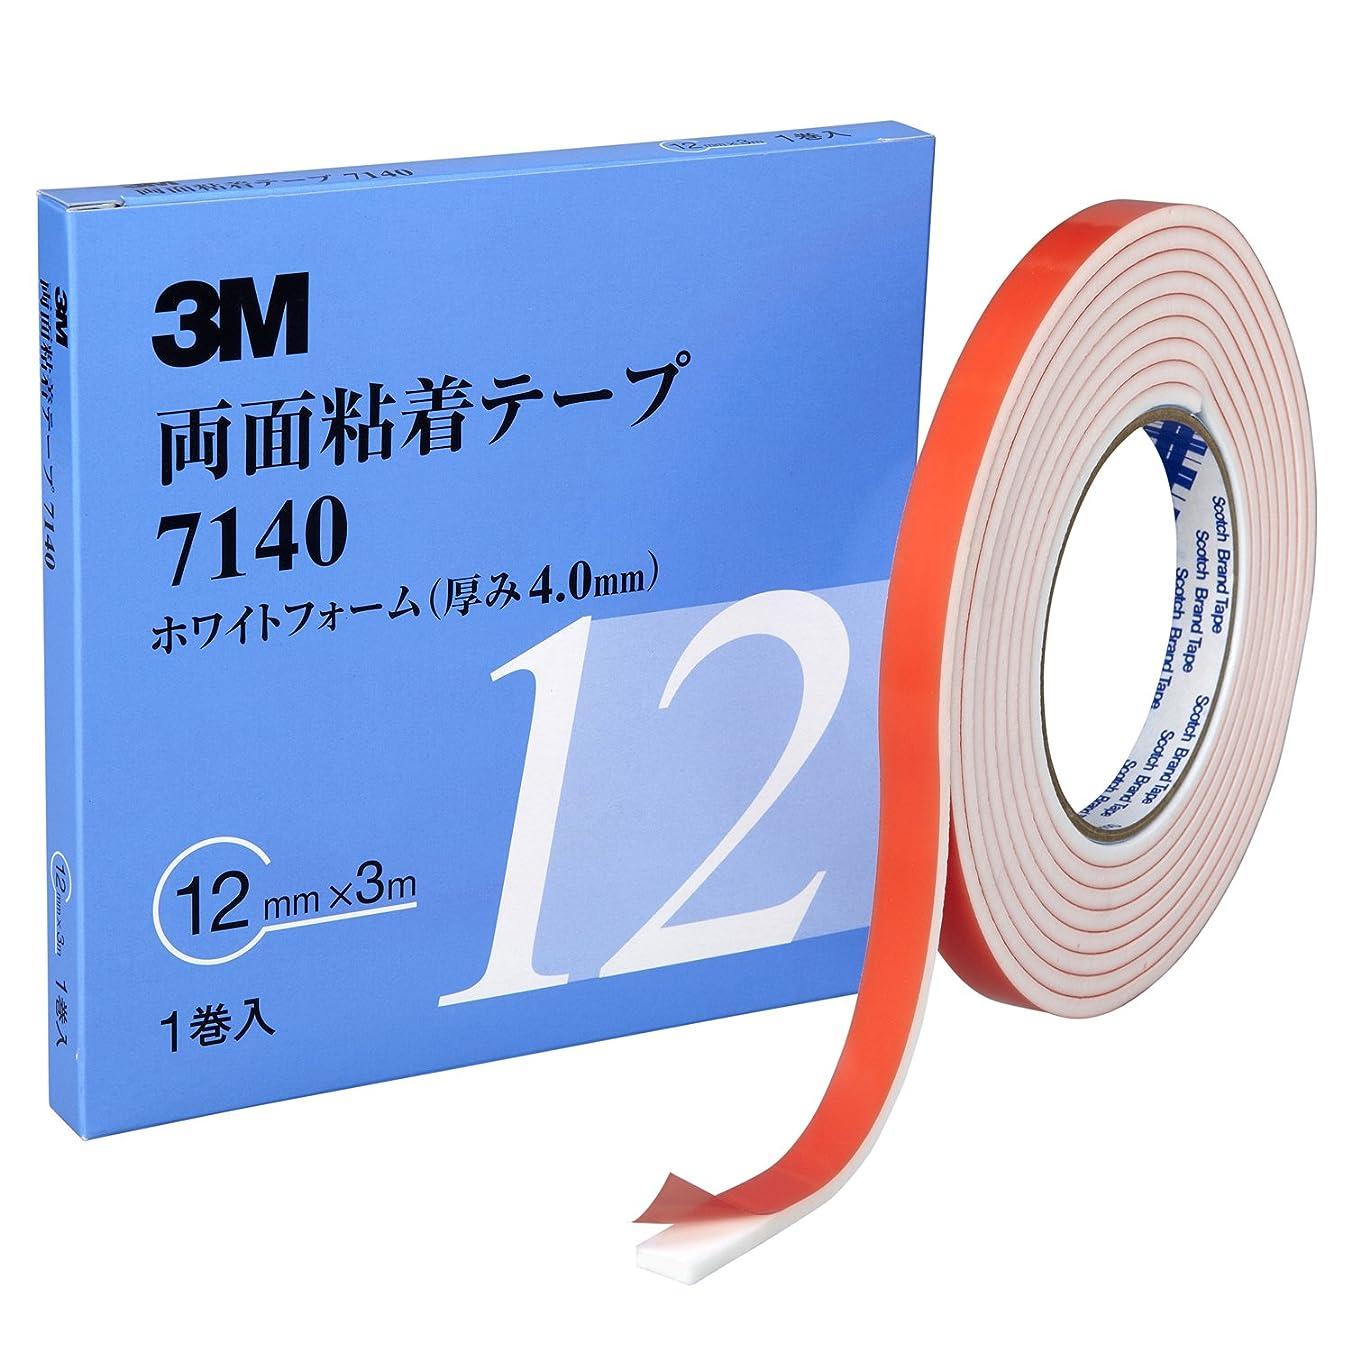 ナサニエル区許可する明快3M 自動車用両面アクリルテープ 4.0厚x12mm幅 3m(1巻) 白 7140 12 AAD